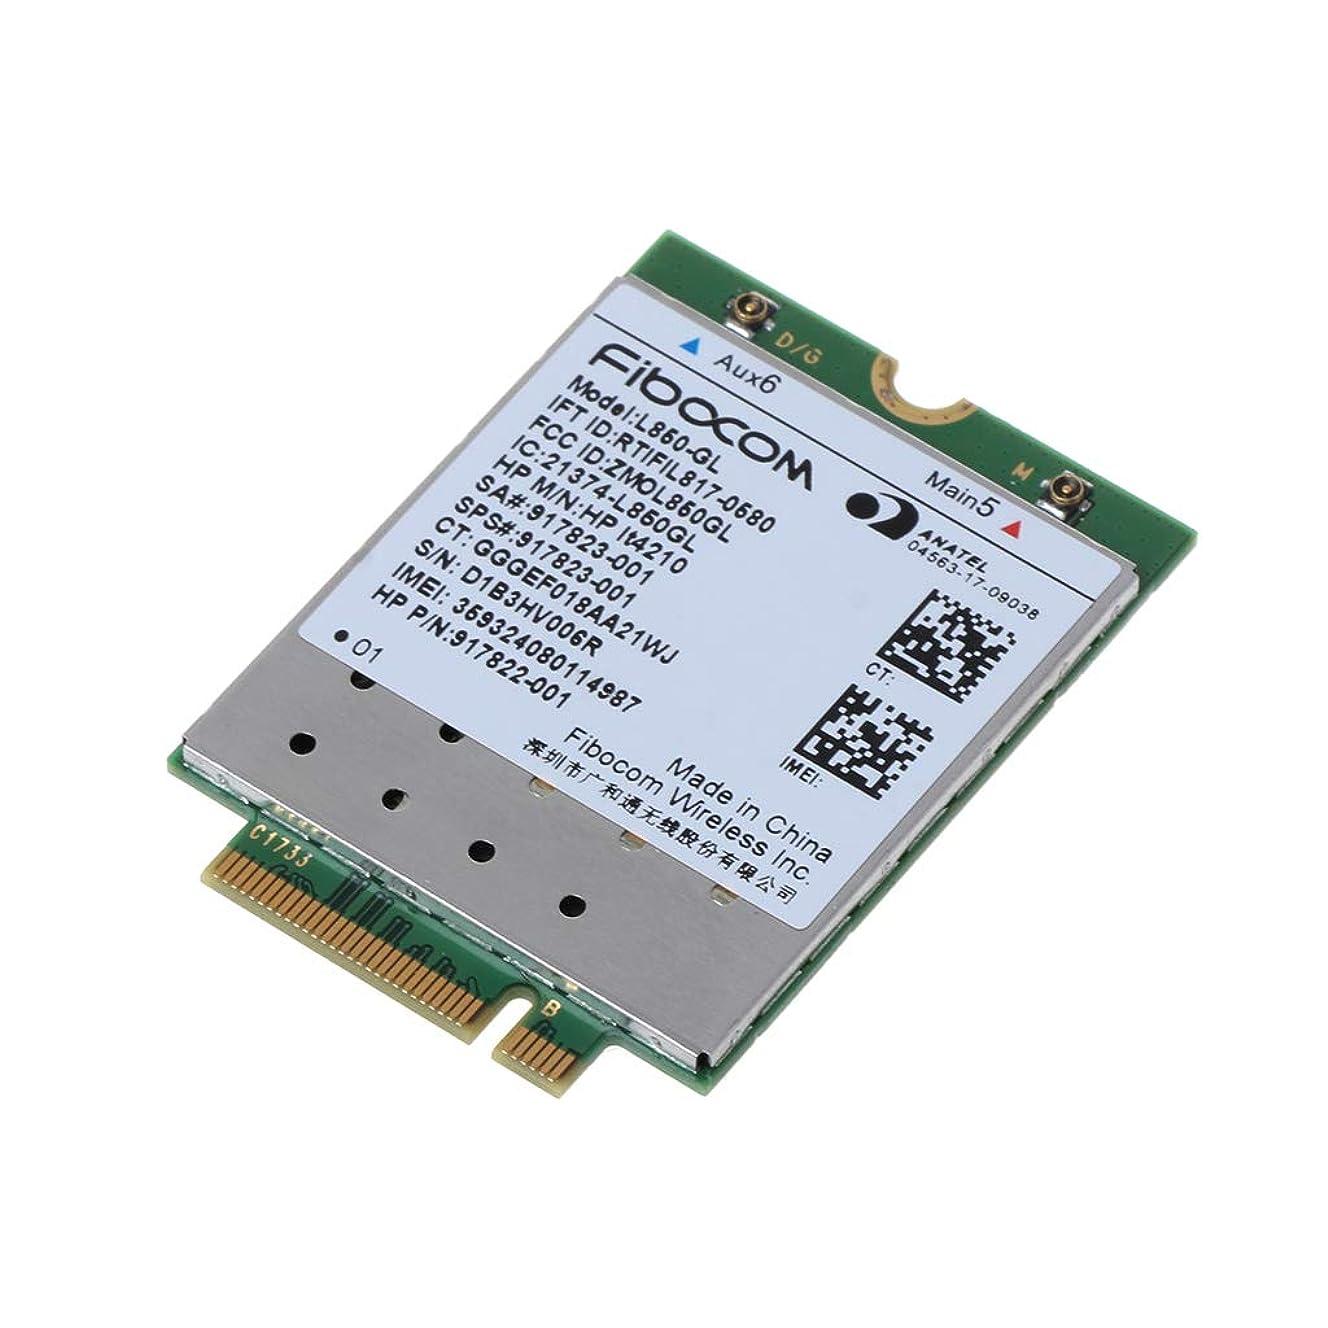 落ち着く図書館コミットCarise L850-GL HP LT4210 Fibocom Card Wireless 917823-001 WWAN モバイルモジュール 4G LTE NEU用